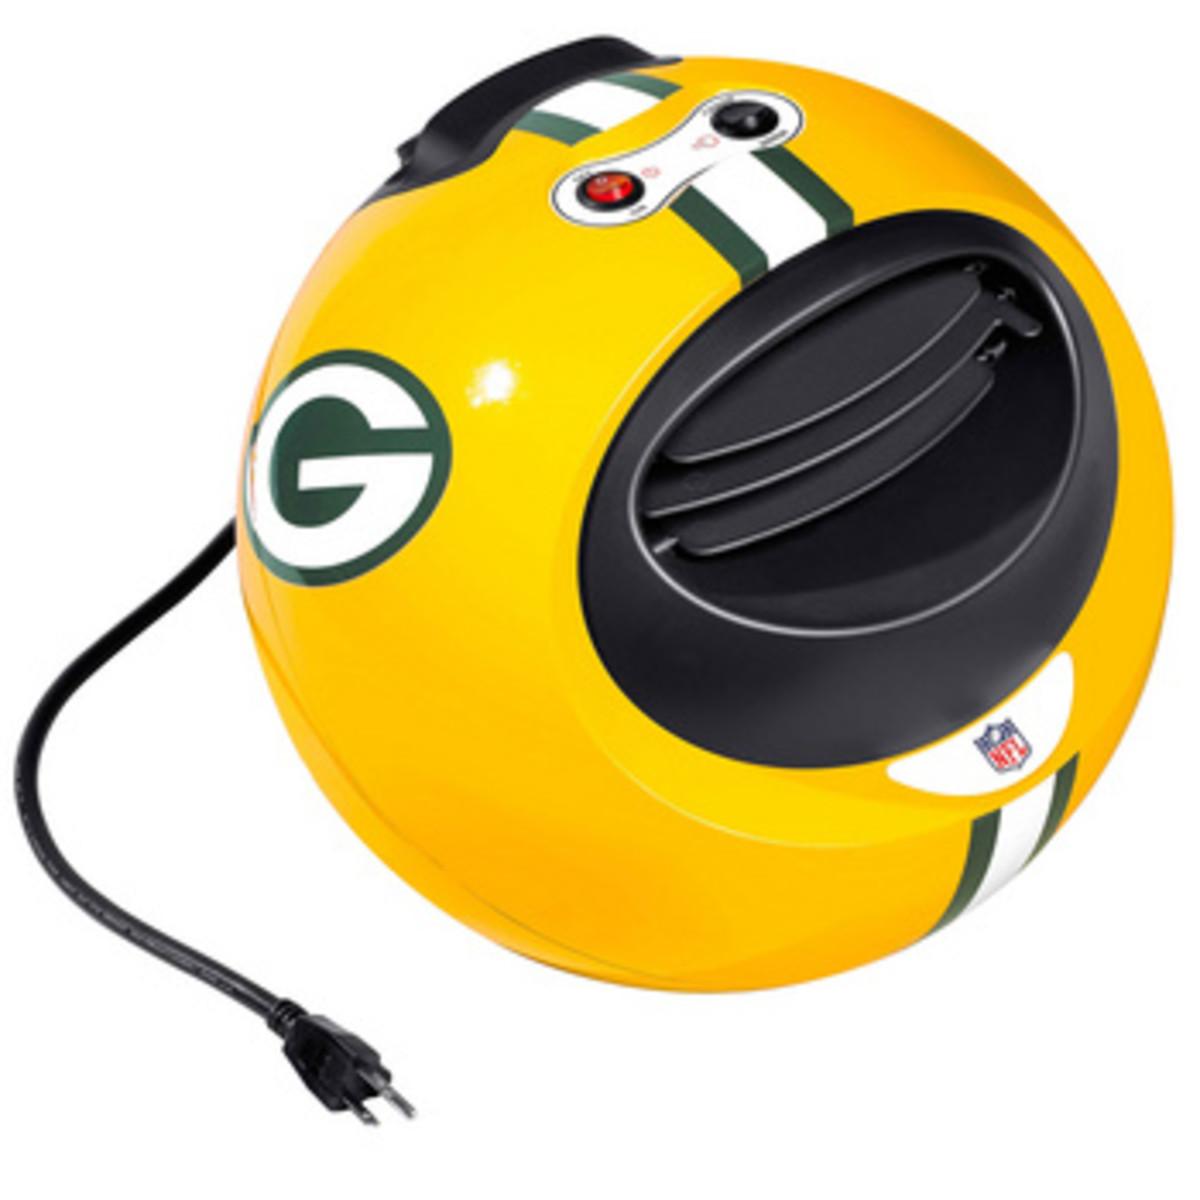 Football Fan Gift - Infrared Space Heater in Green Bay Packer Logo